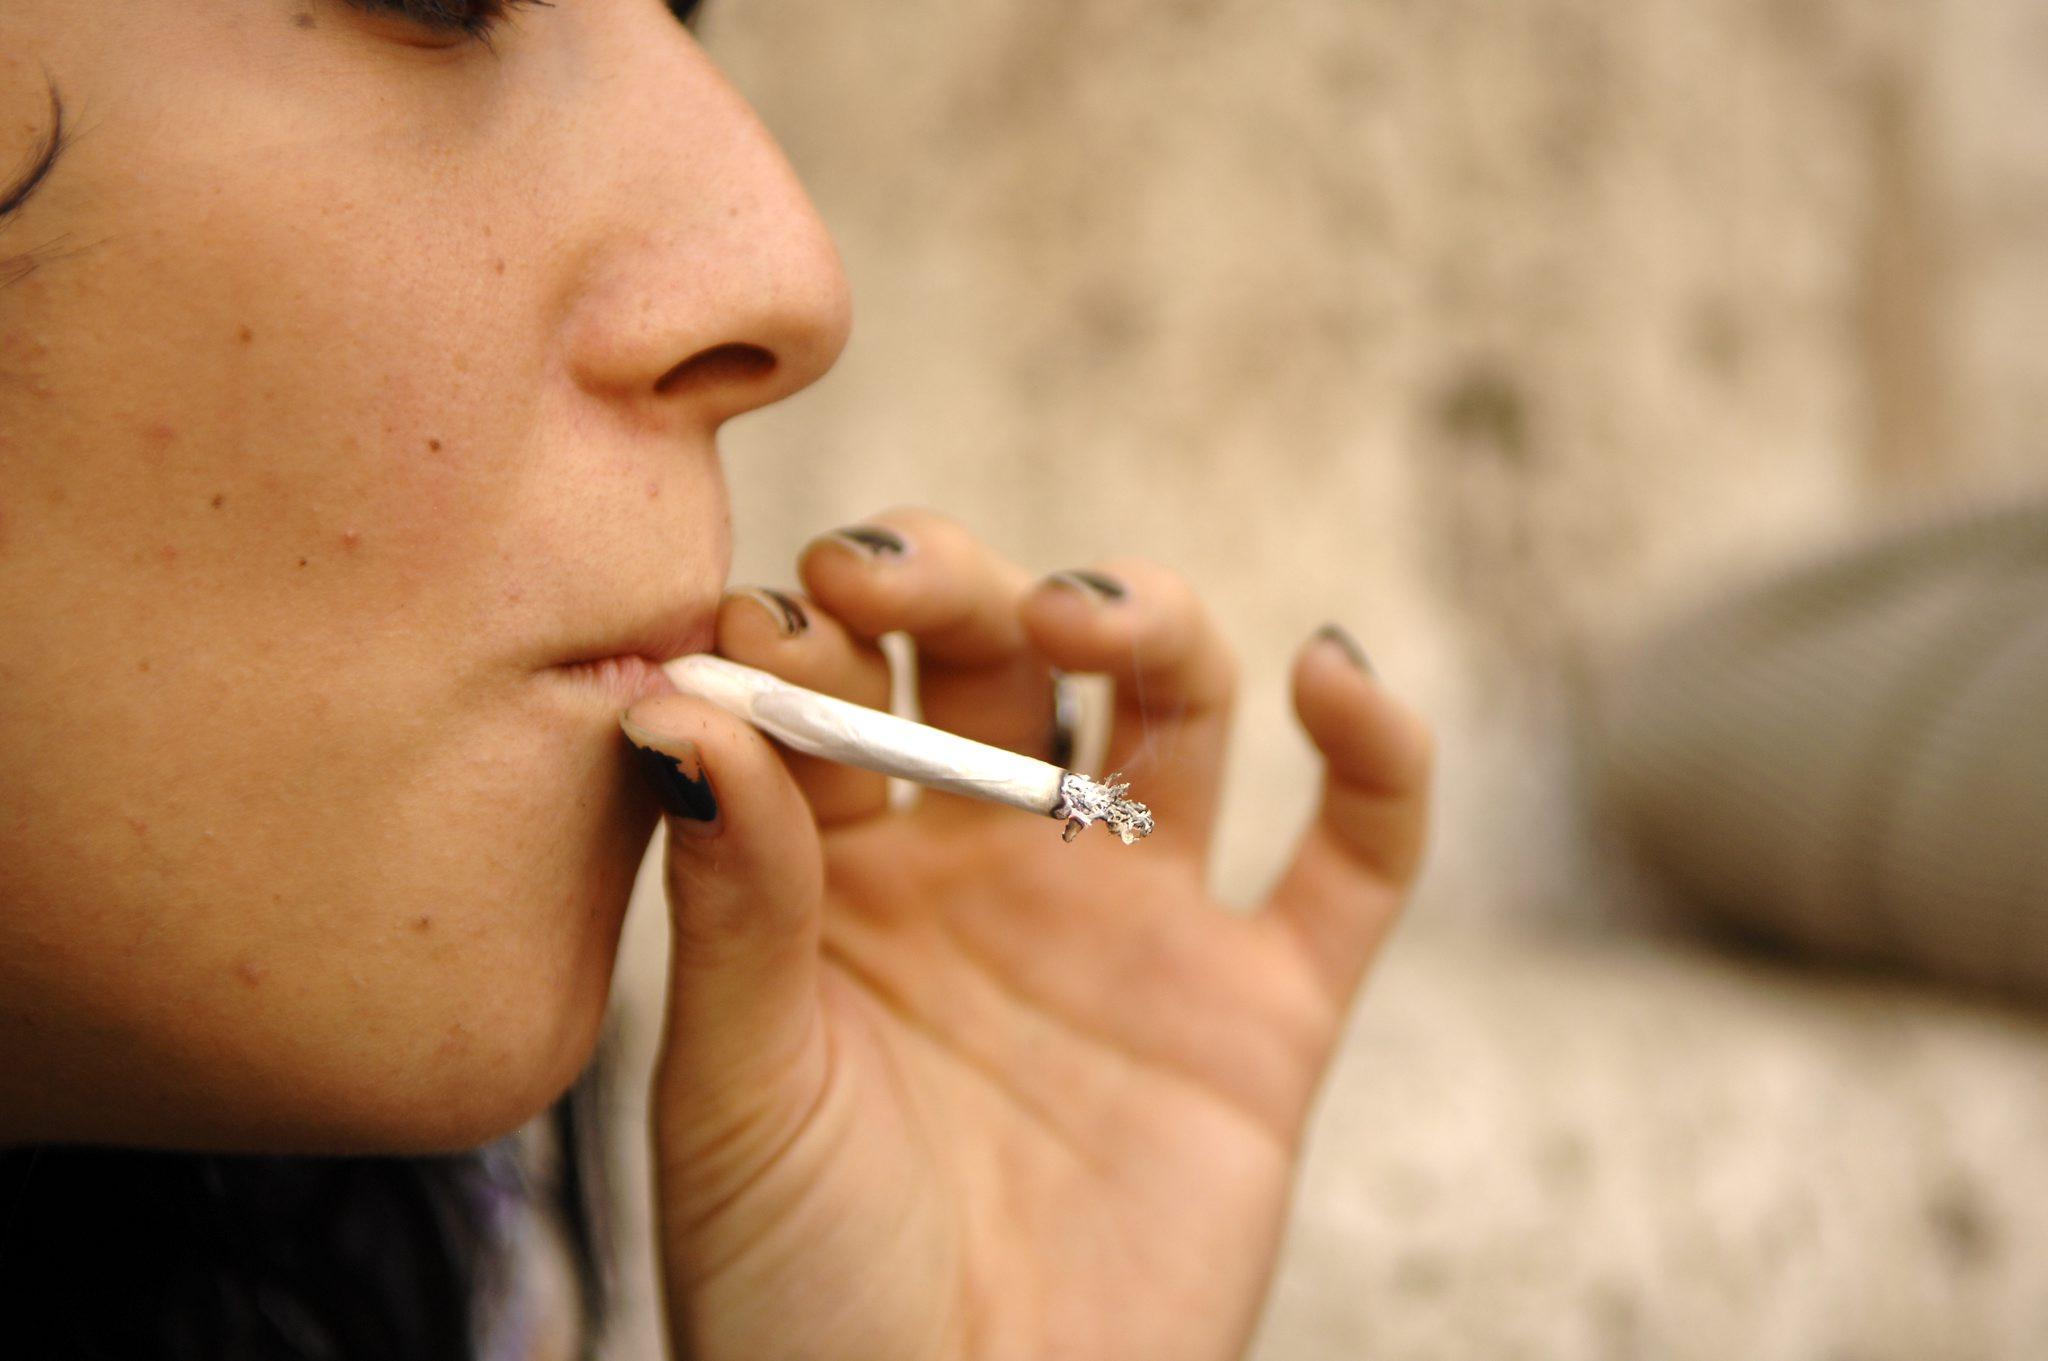 ragazza-che-fuma